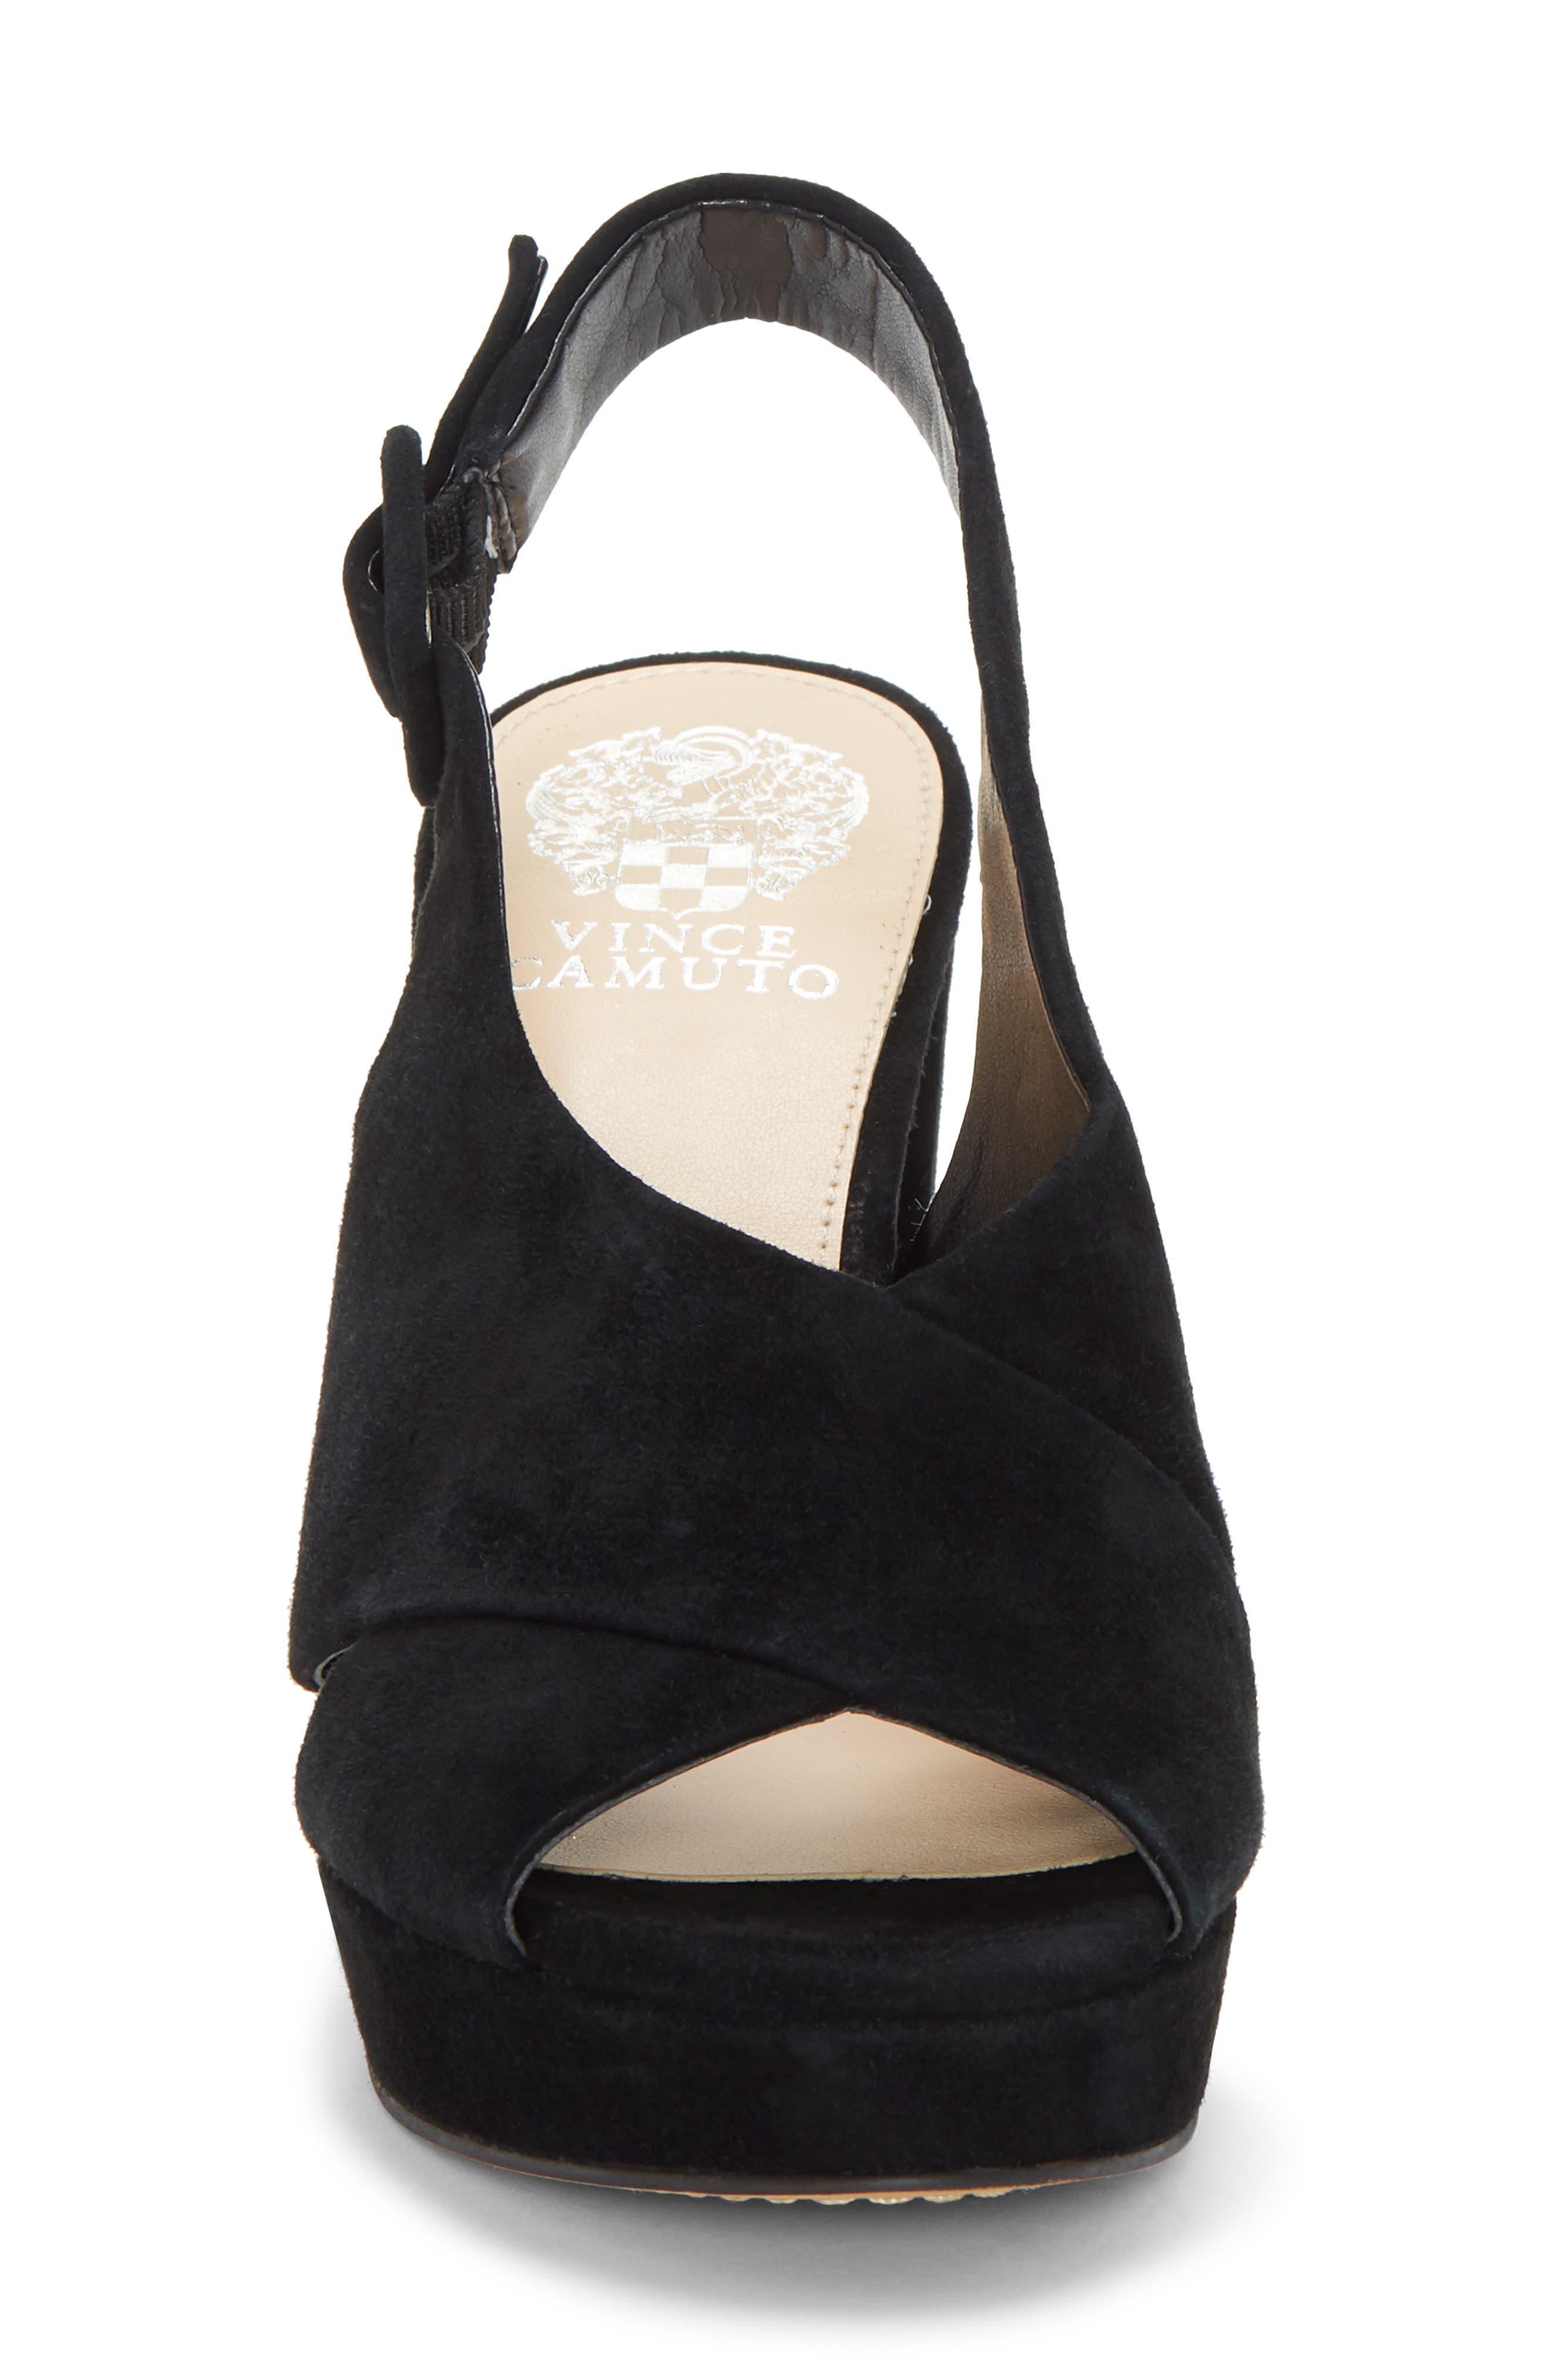 VINCE CAMUTO, Slingback Platform Sandal, Alternate thumbnail 4, color, BLACK 01 SUEDE